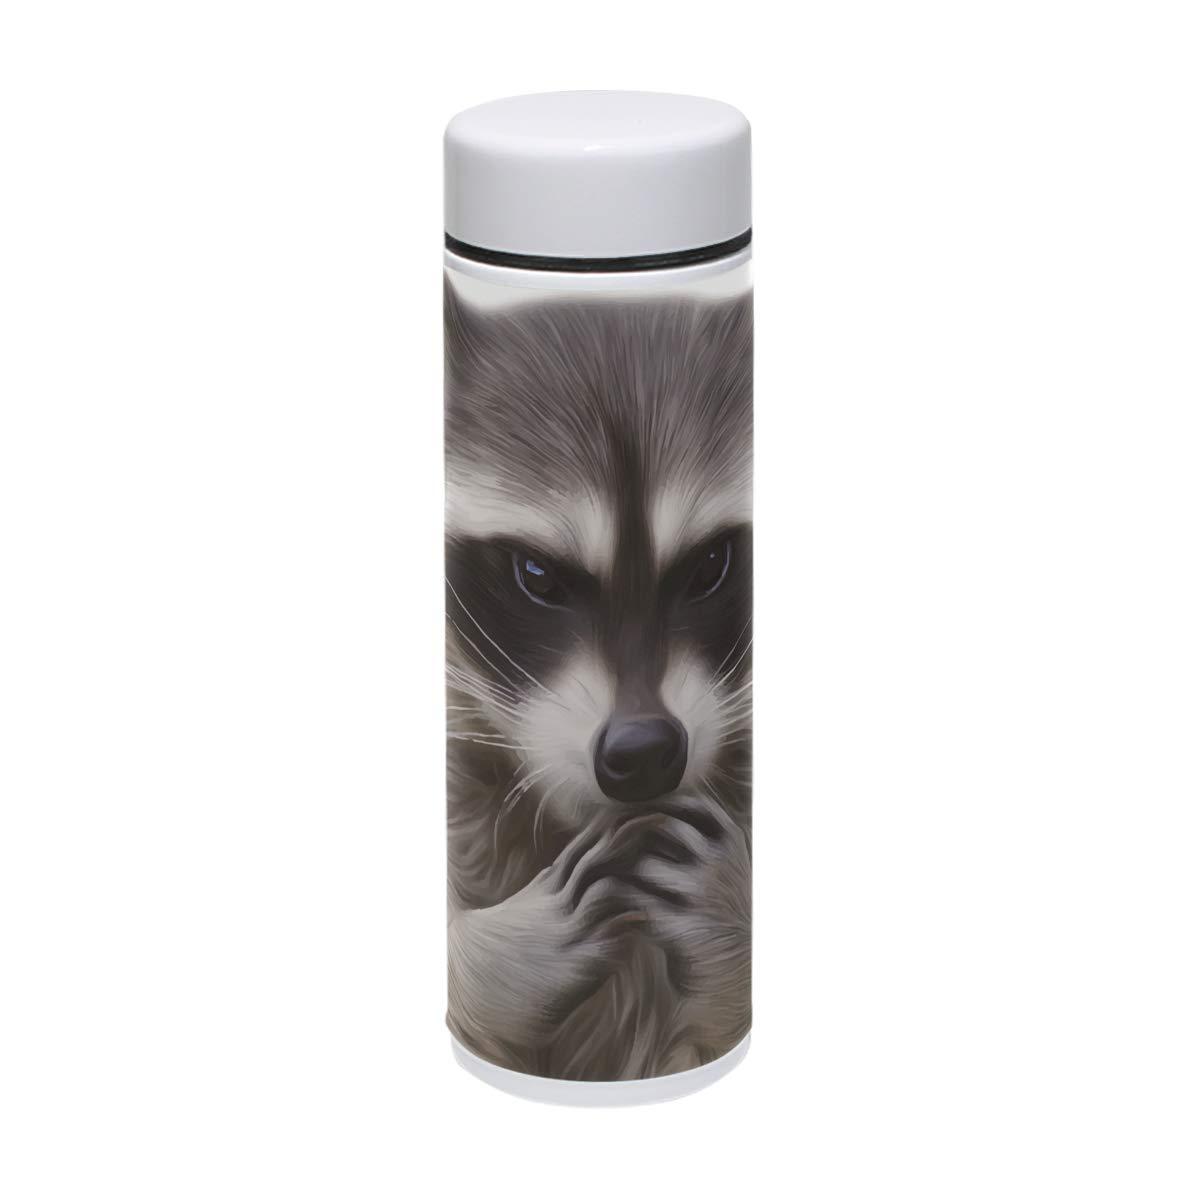 MUOOUM Cool Raccoon Art Painting Painting Painting Taza de viaje de acero inoxidable aislada al vacío, botella de agua para deportes, 7.5 onzas, caliente durante 12 horas 45bdc8